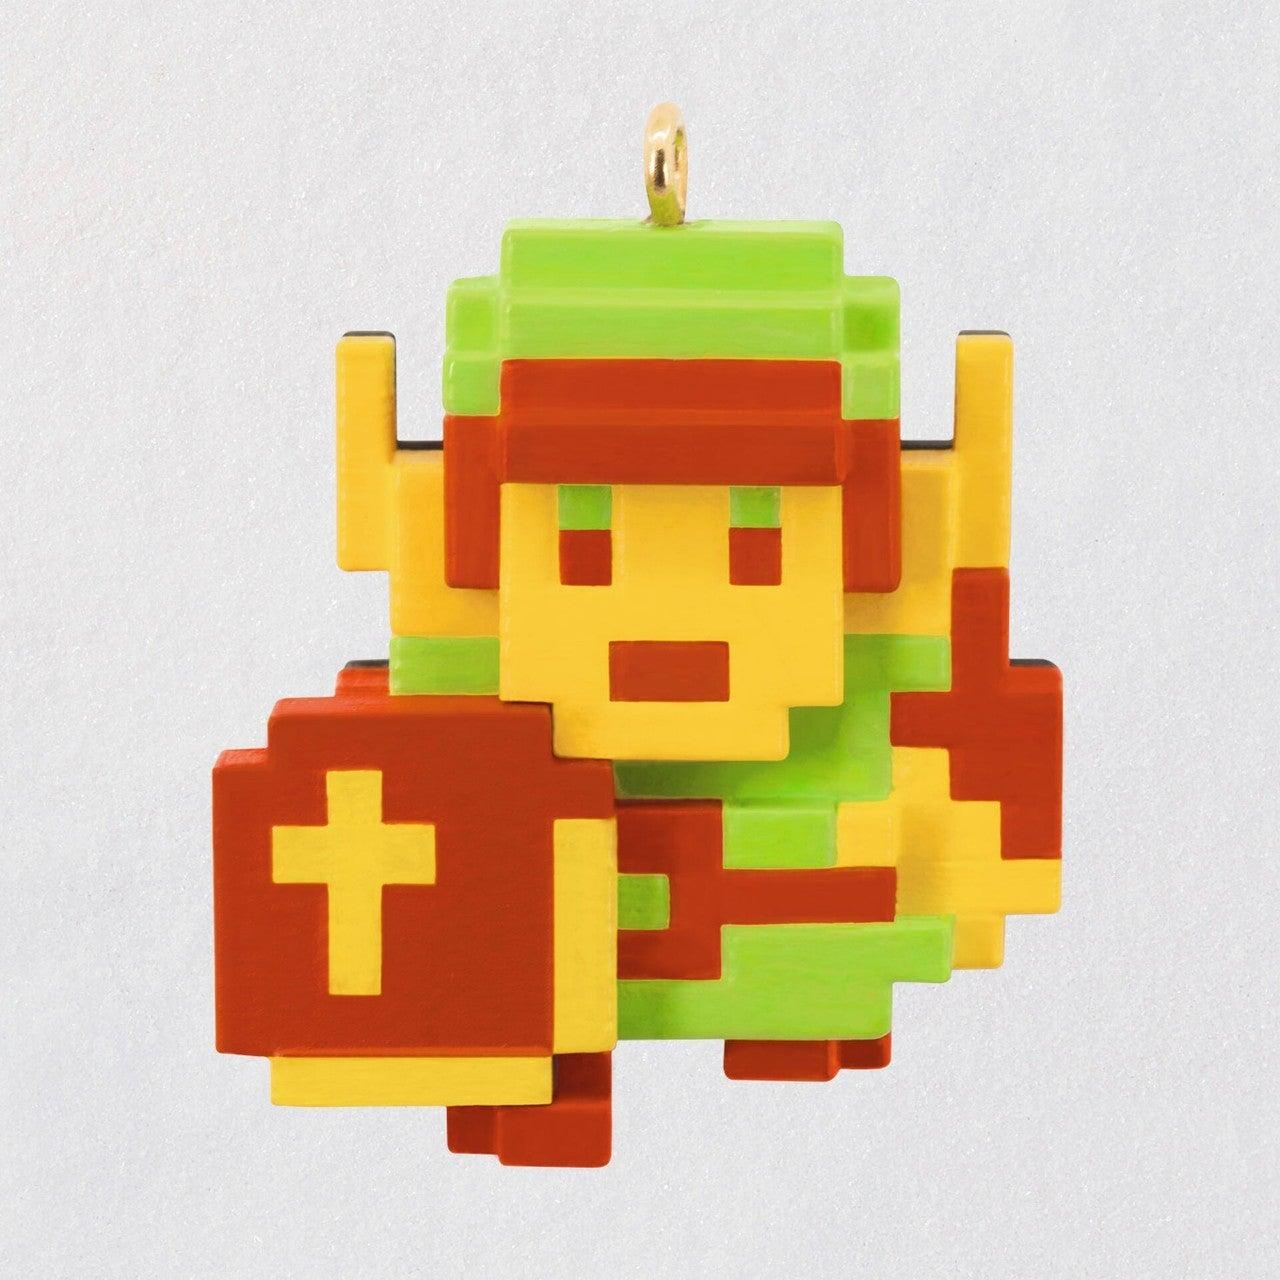 Mini-Nintendo-Die-Legende-von-Zelda-Link-Andenken-Ornament_899QXM8335_01